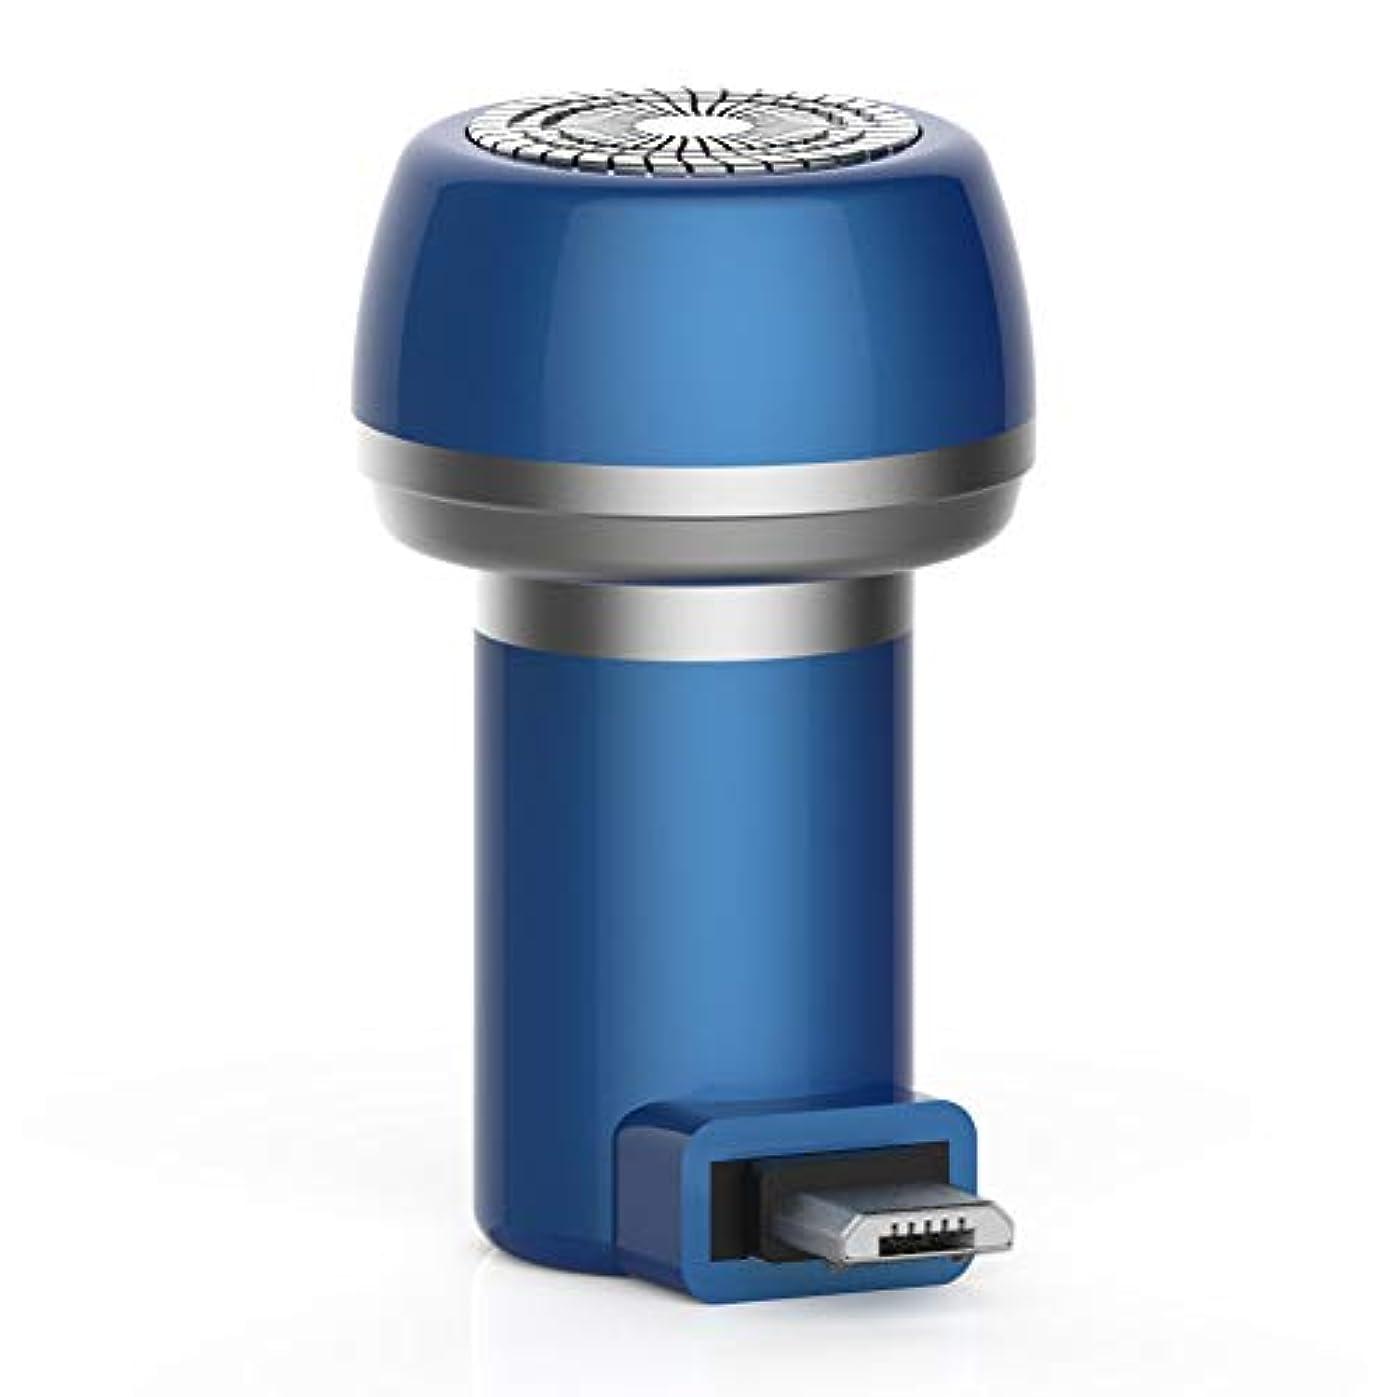 サポート海岸マークされたBeaurtty 2 1磁気電気シェーバーミニポータブルType-C USB防水剃刀